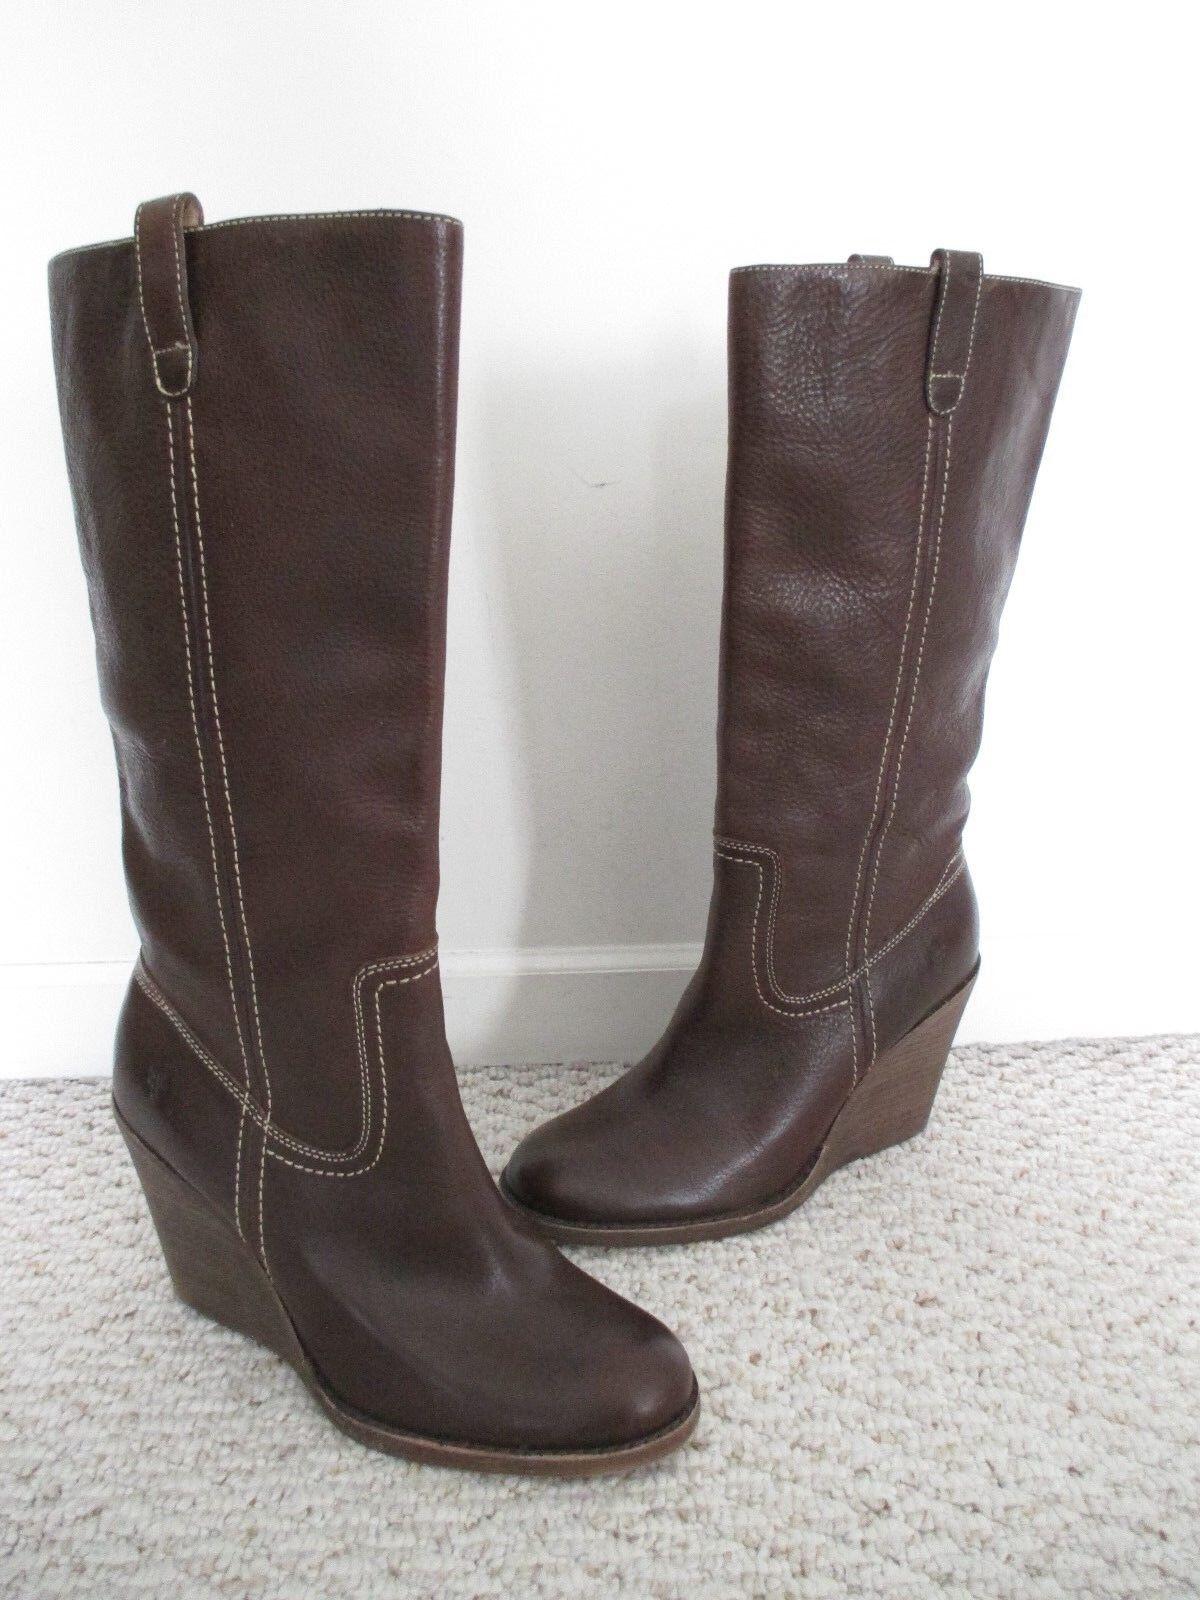 miglior reputazione FRYE Carolione Campus Marrone Leather Wedge stivali stivali stivali Dimensione 10  liquidazione